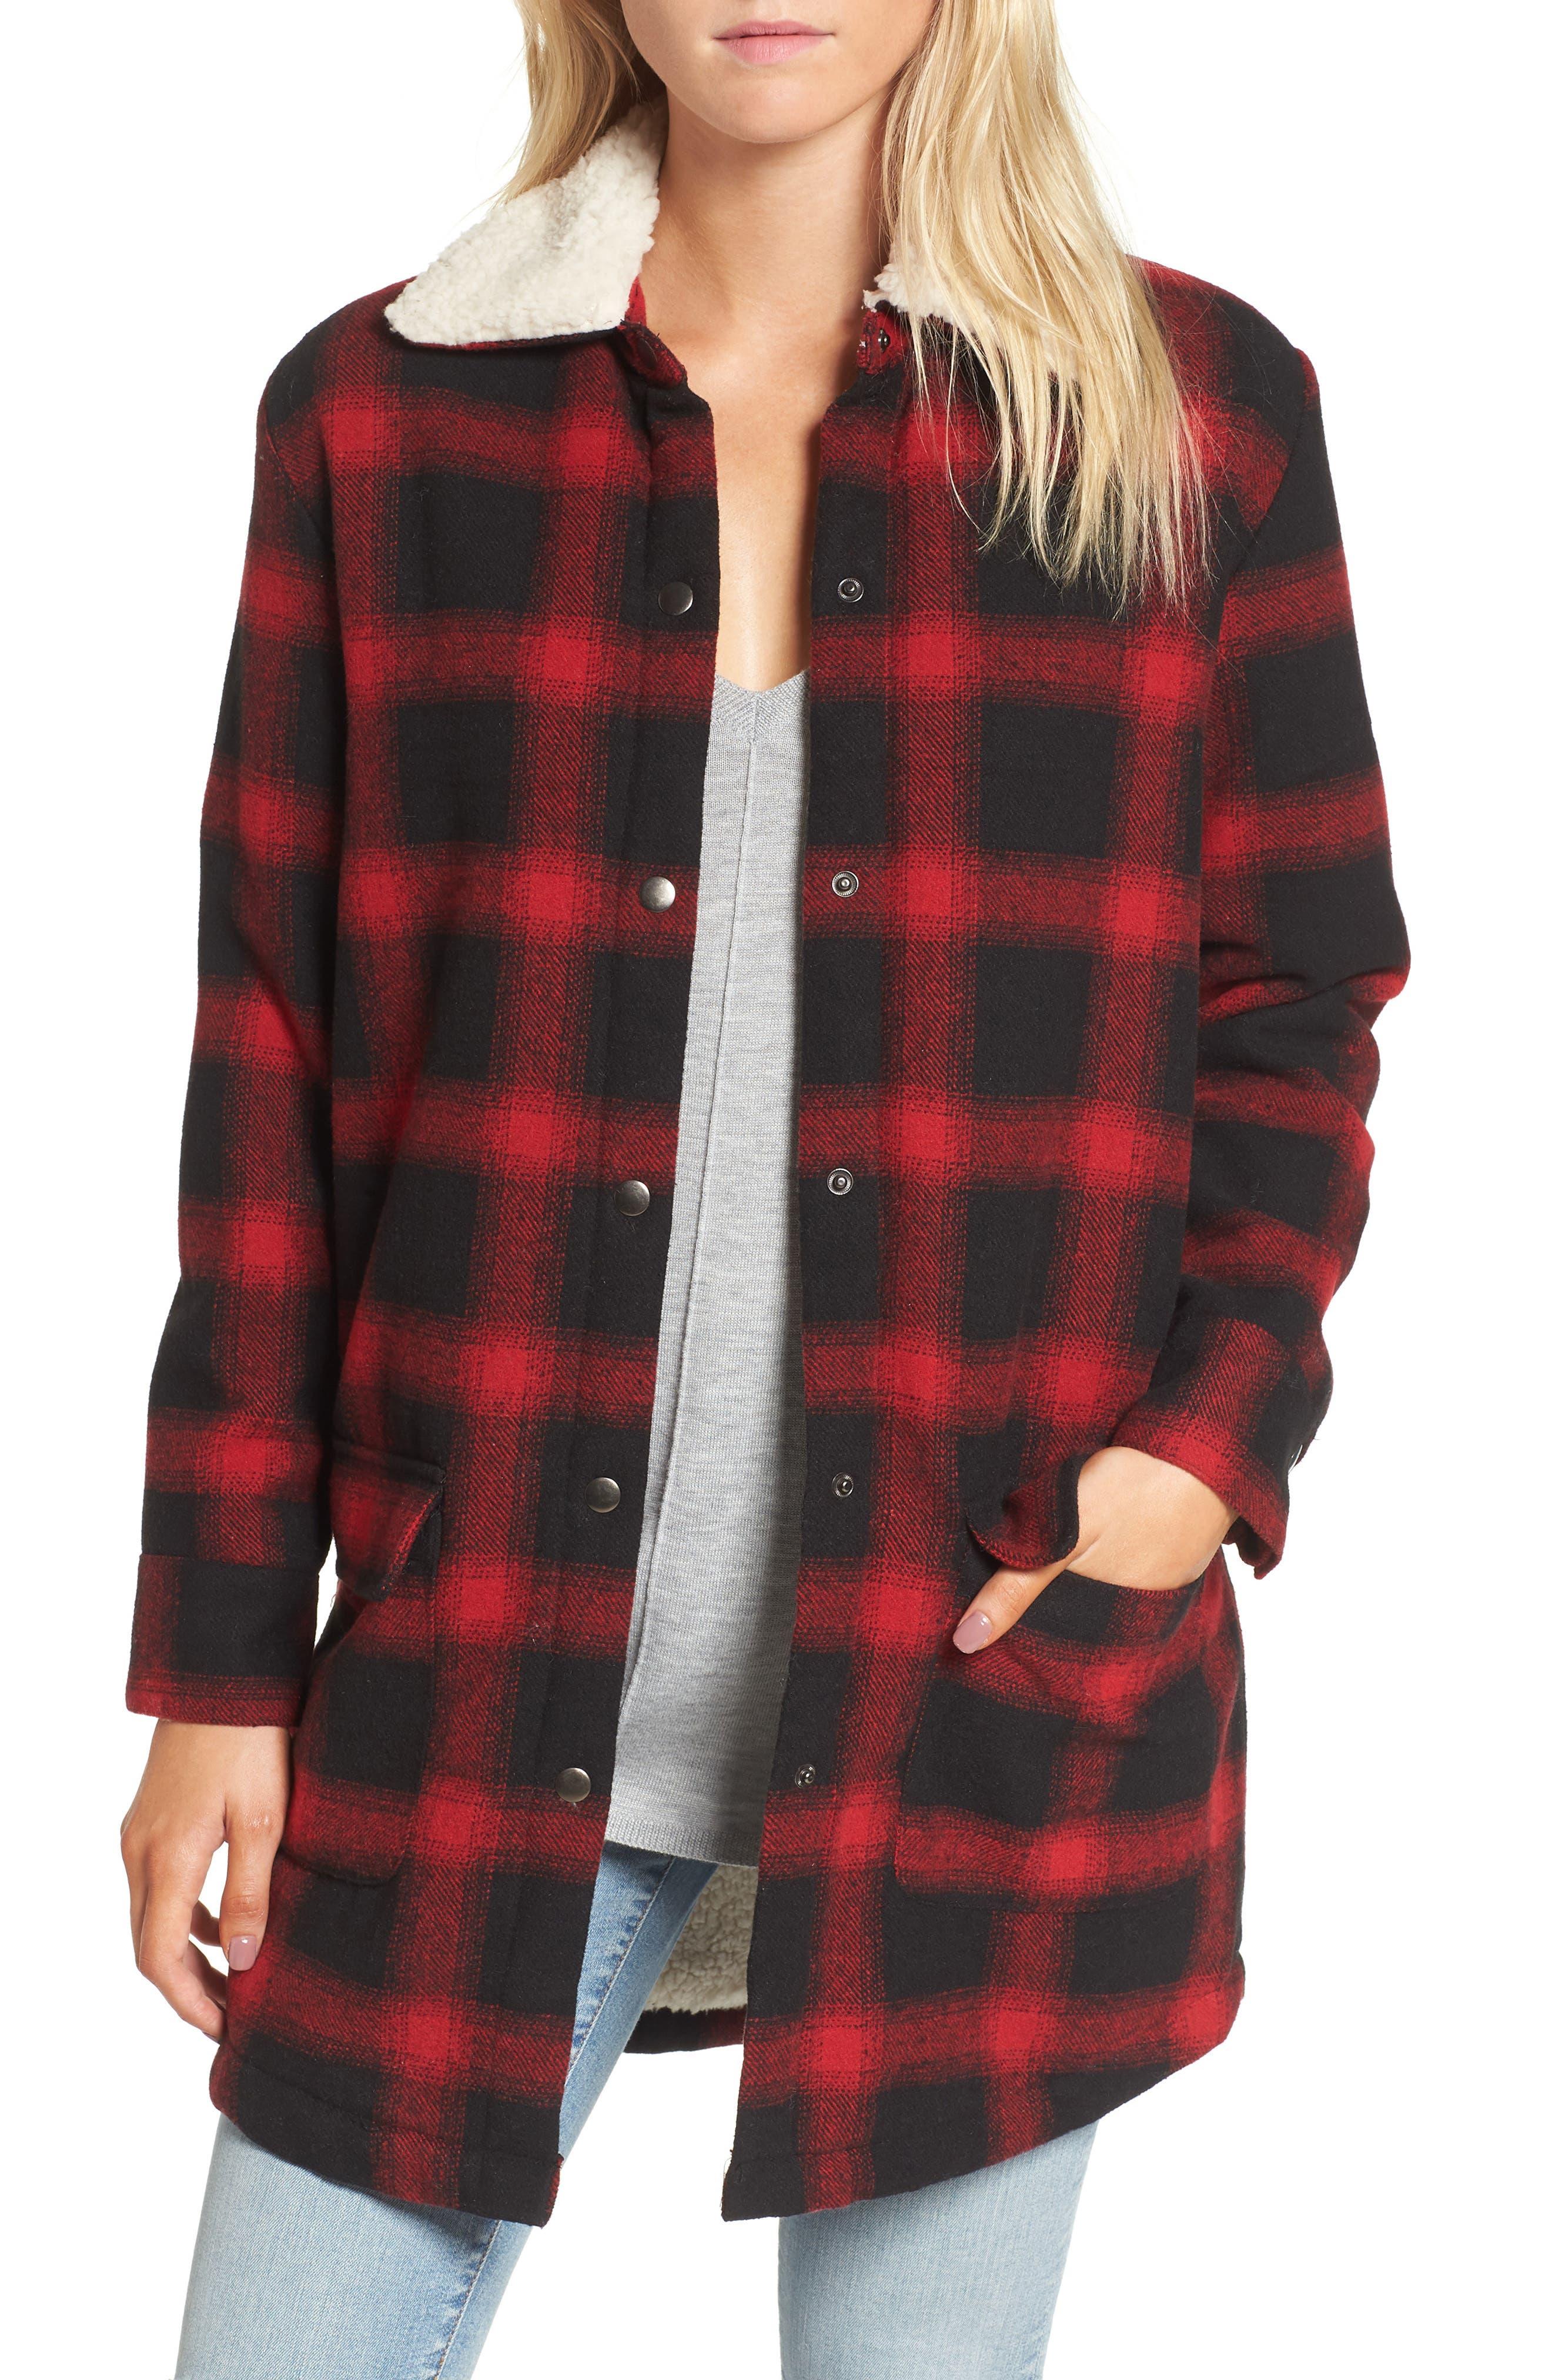 Women's tartan lined jacket